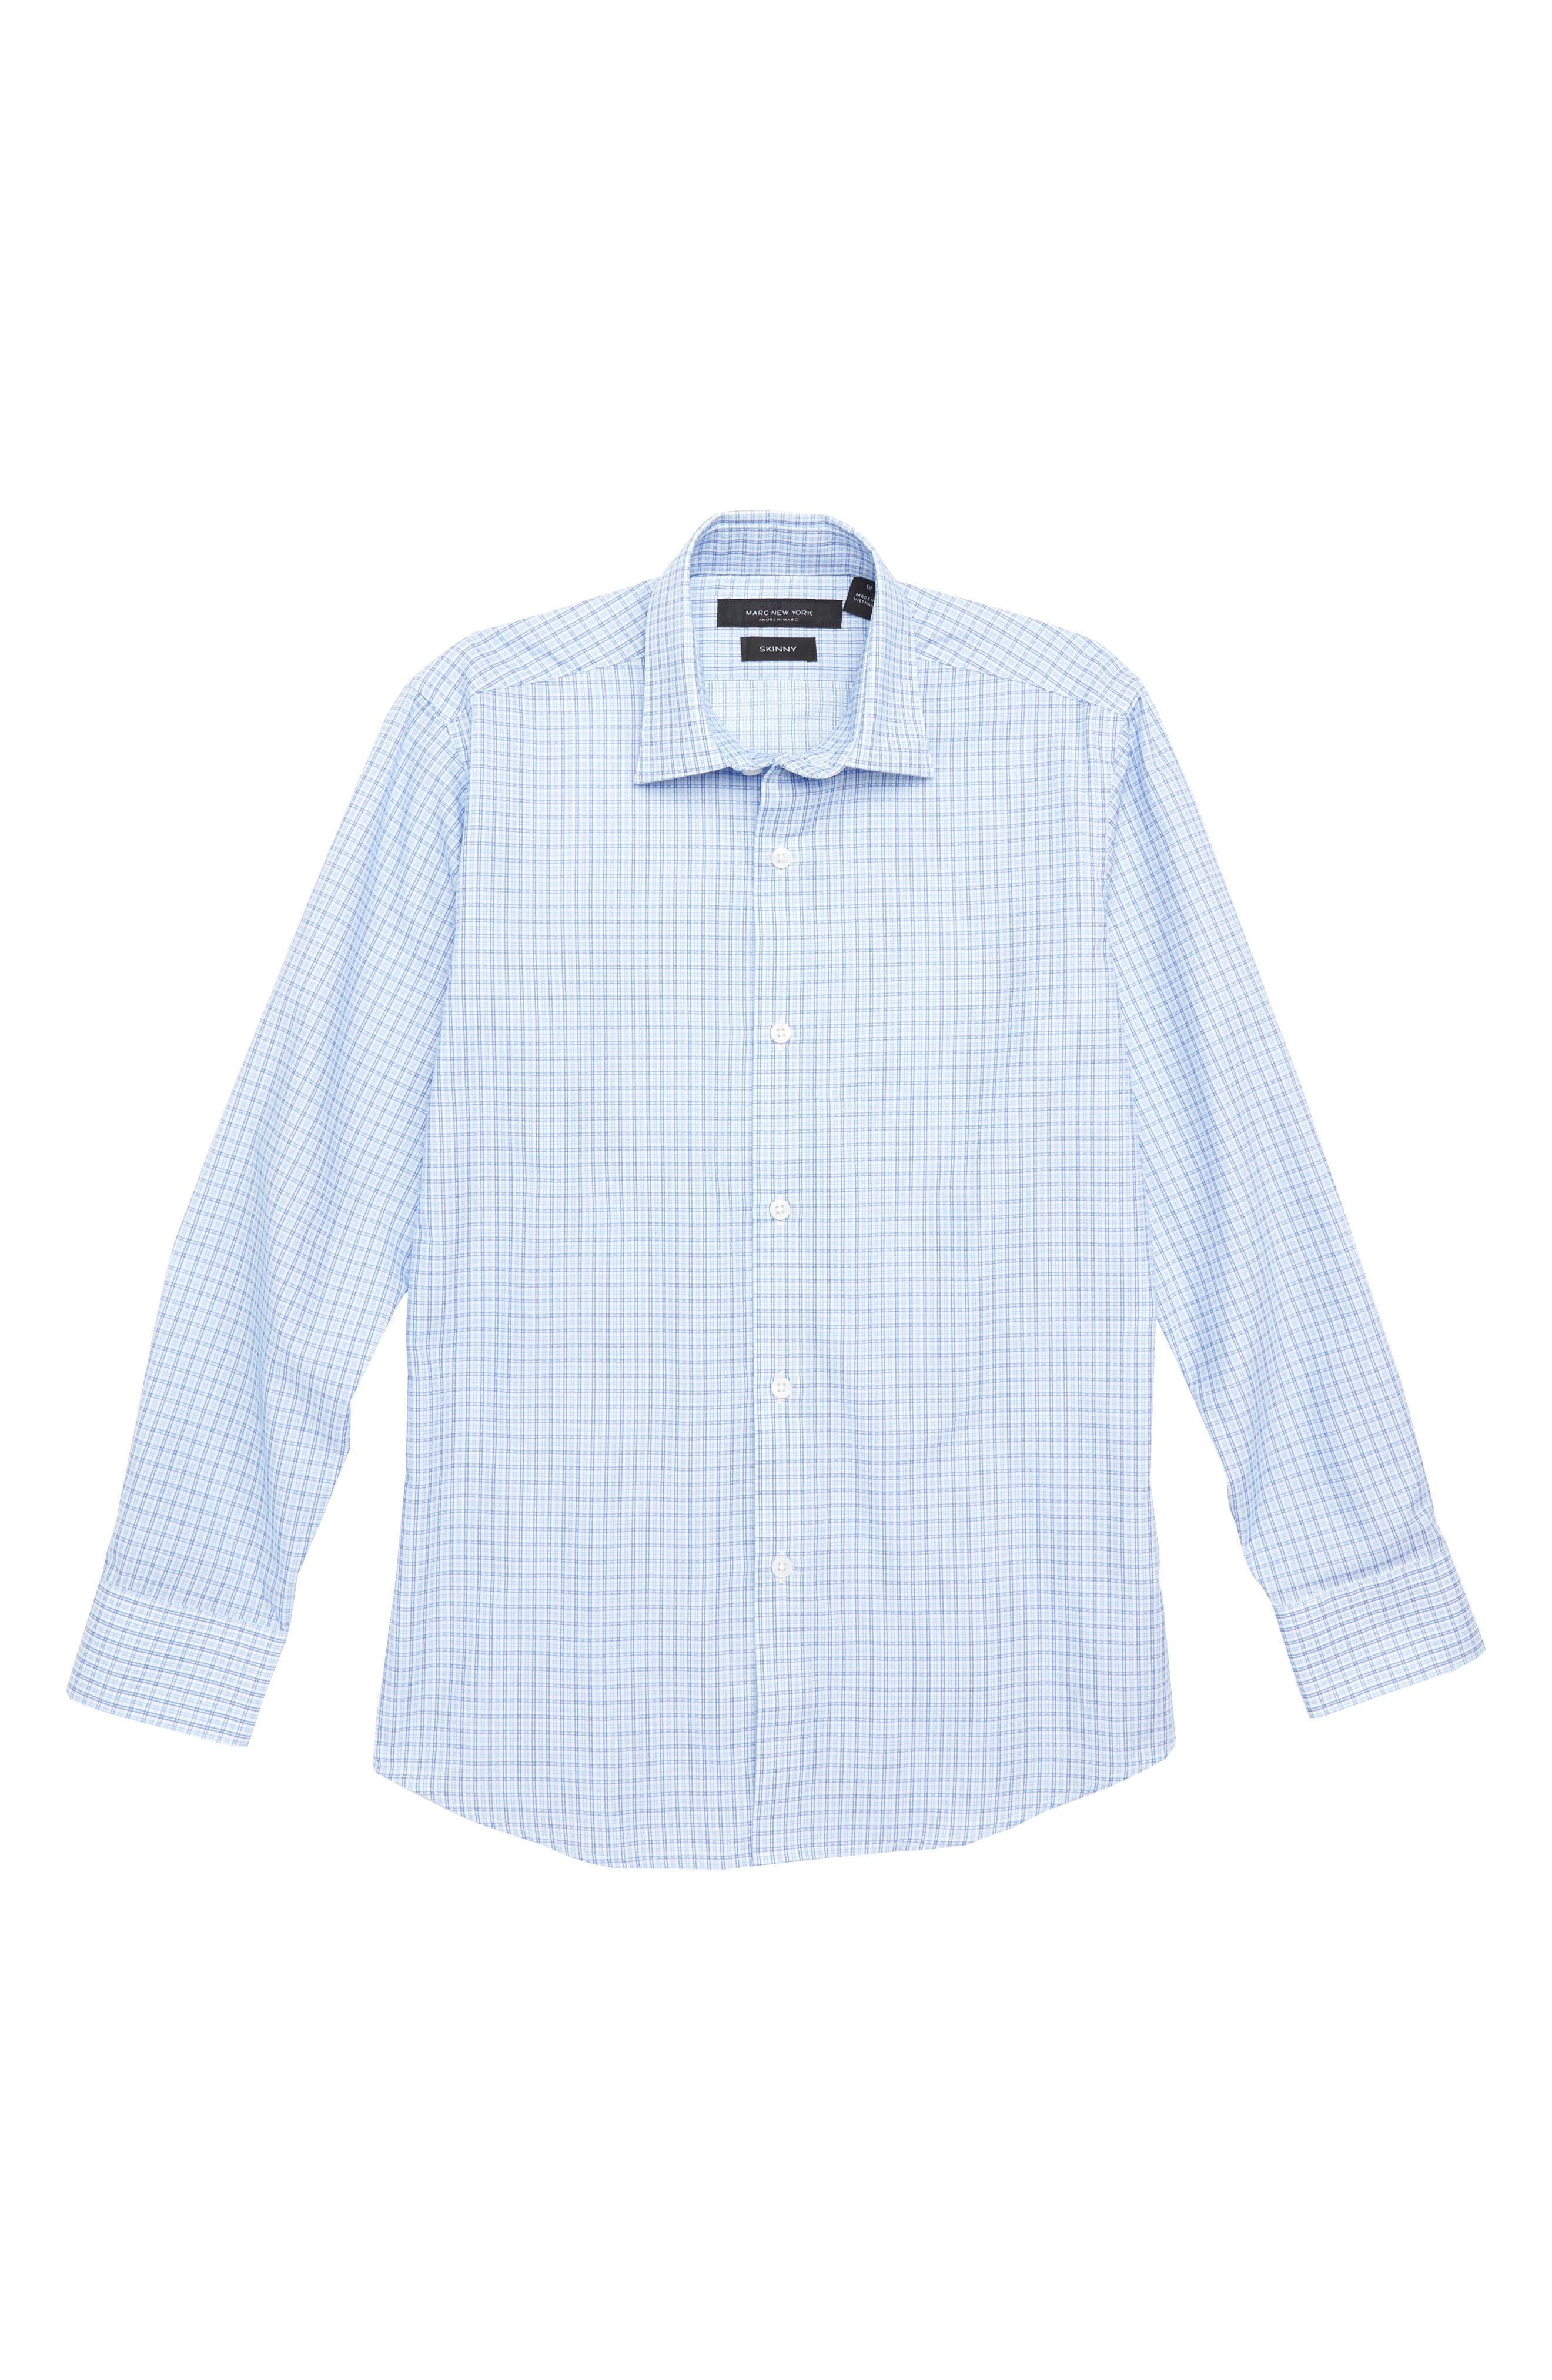 Check Dress Shirt,                         Main,                         color, 457